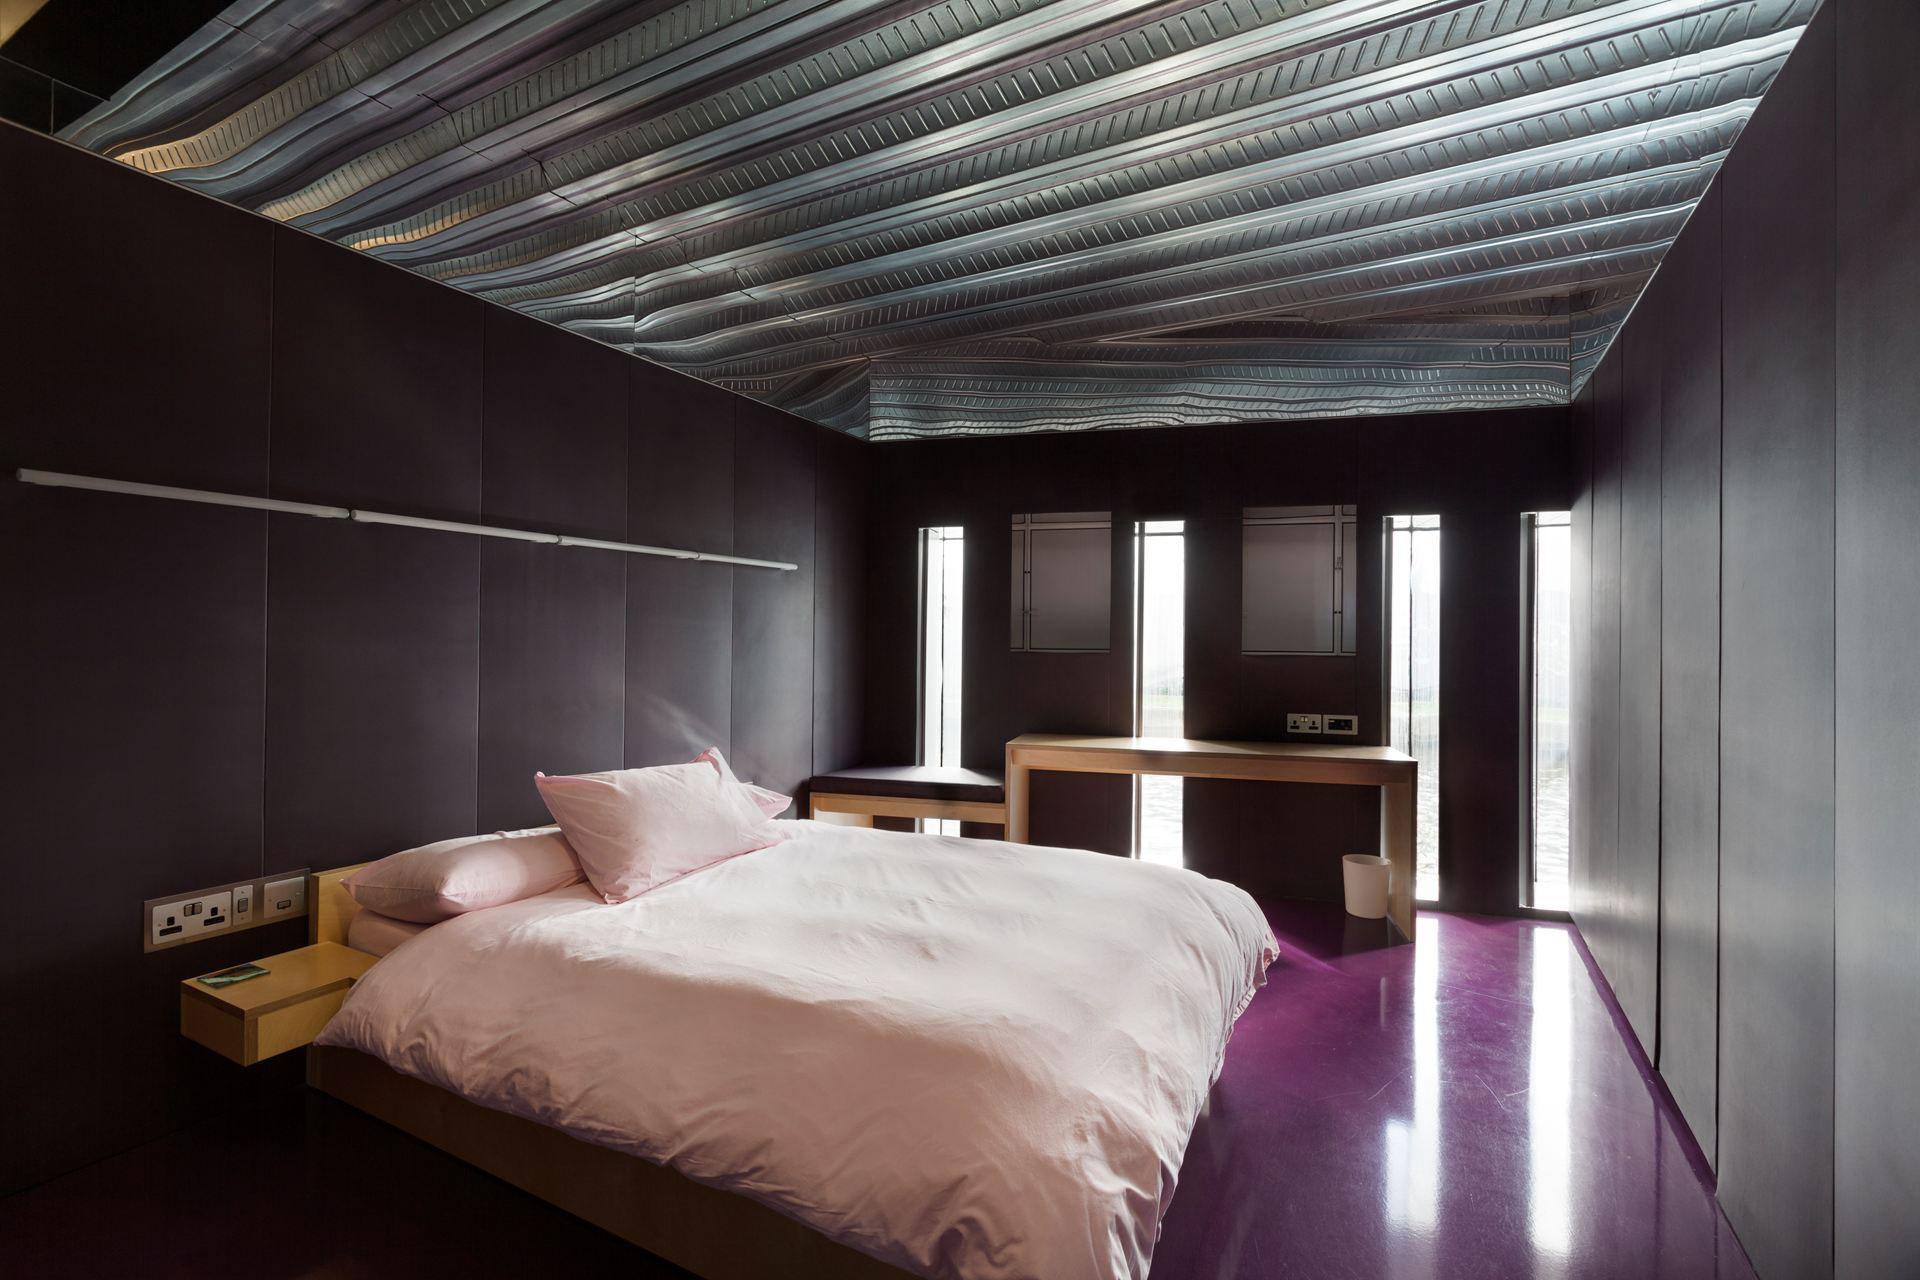 Silverlight Home in West London by Adjaye Associates-13